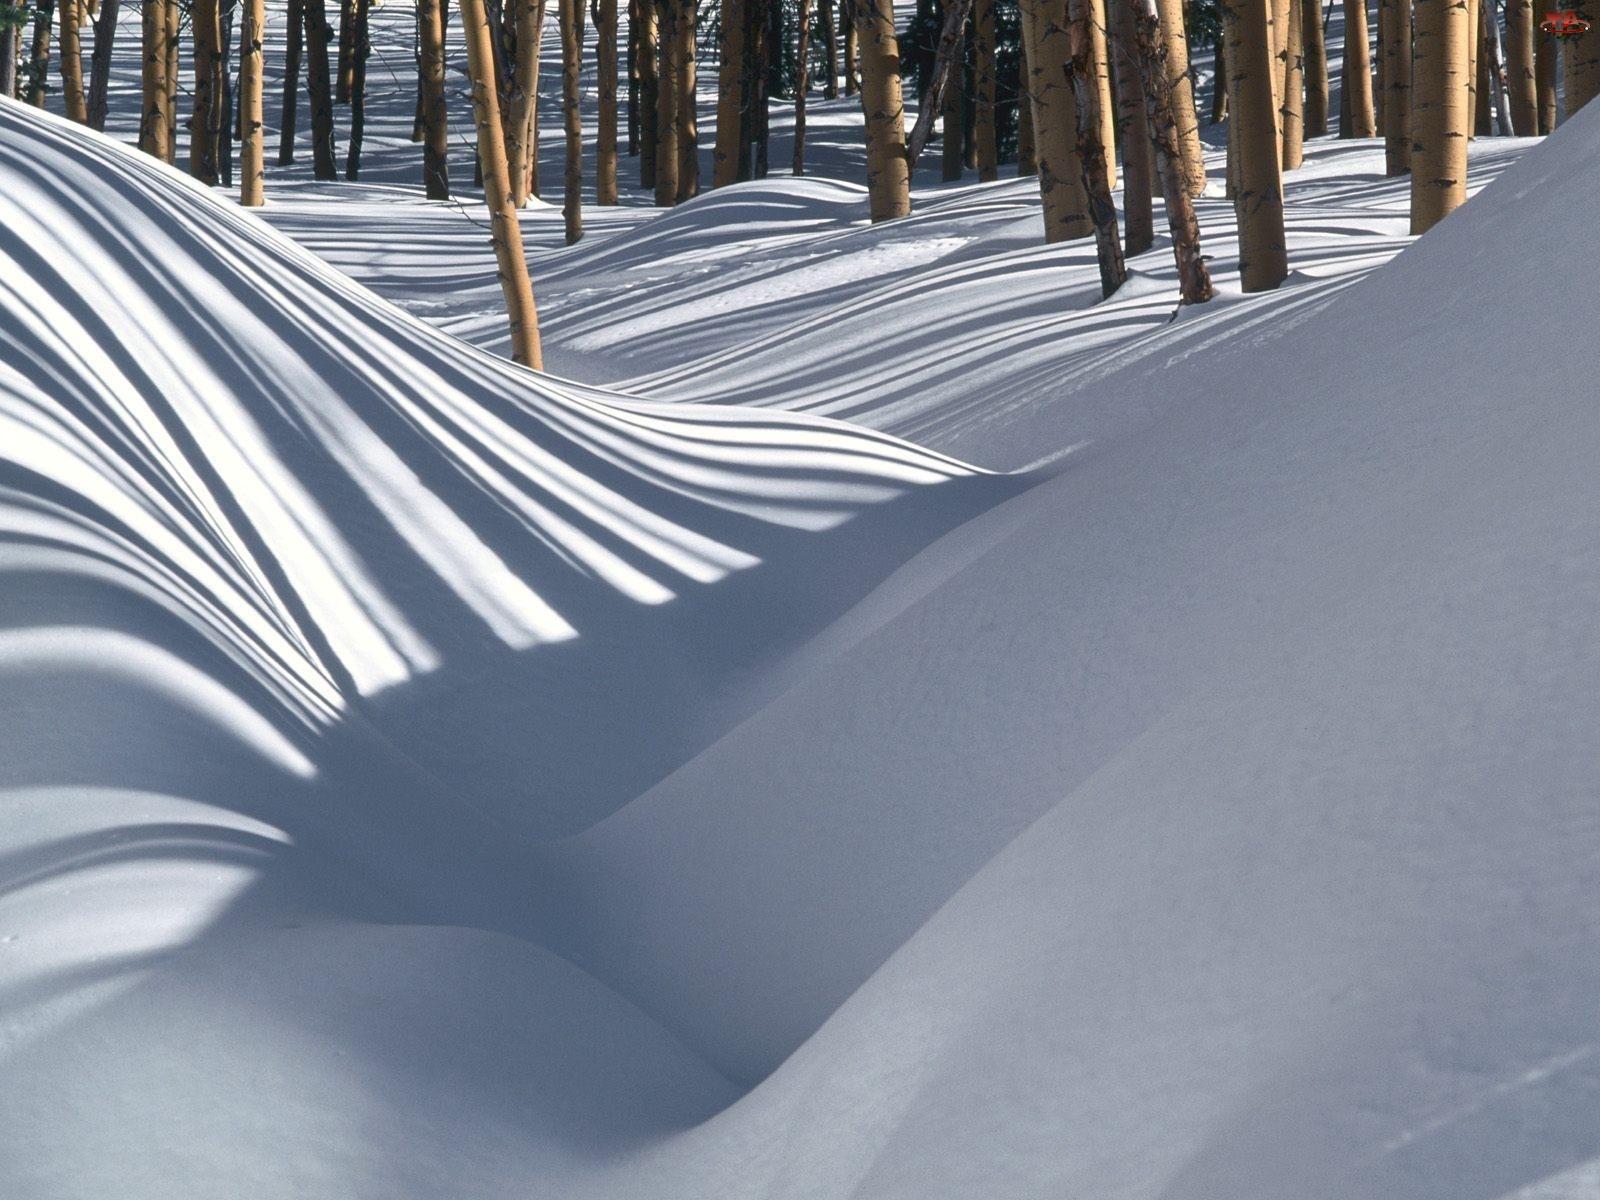 Zimowe, Drzewa, Zaspy, Śnieżne